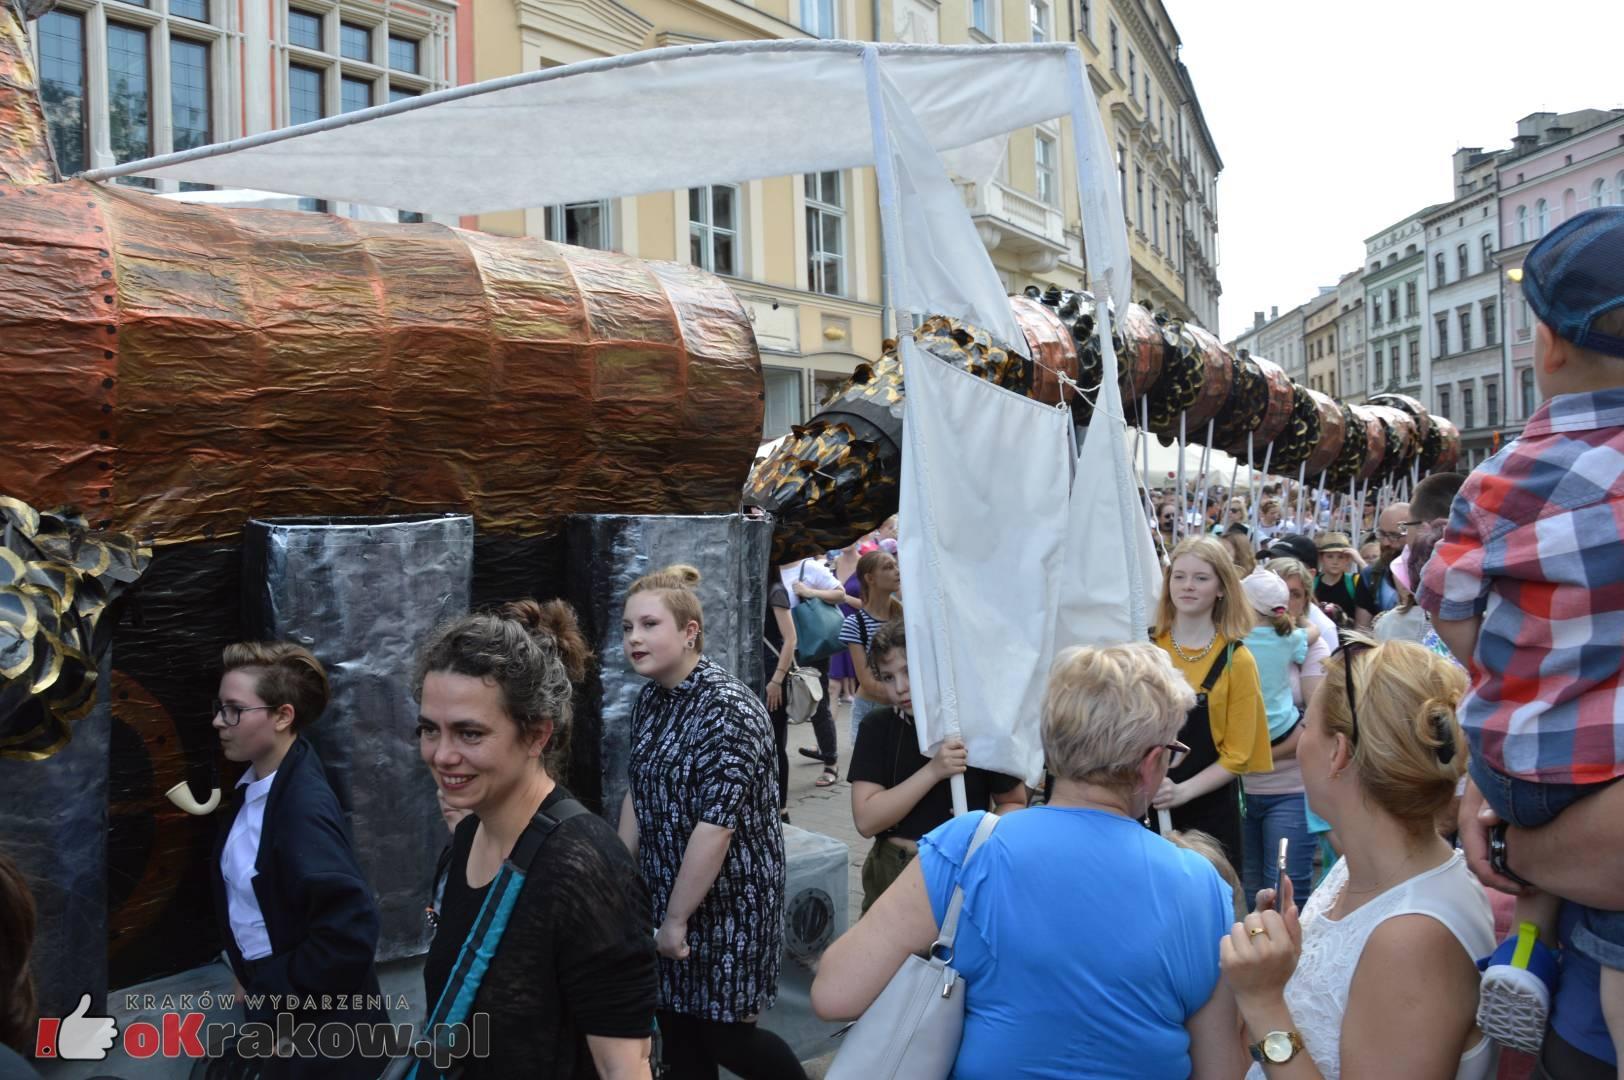 wielka parada smokow przeszla przez krakow w 40 smokow do okola swiata 2019 292 150x150 - Parada Smoków przeszła przez Kraków. Obszerna galeria zdjęć - 2 czerwca 2019 w Krakowie